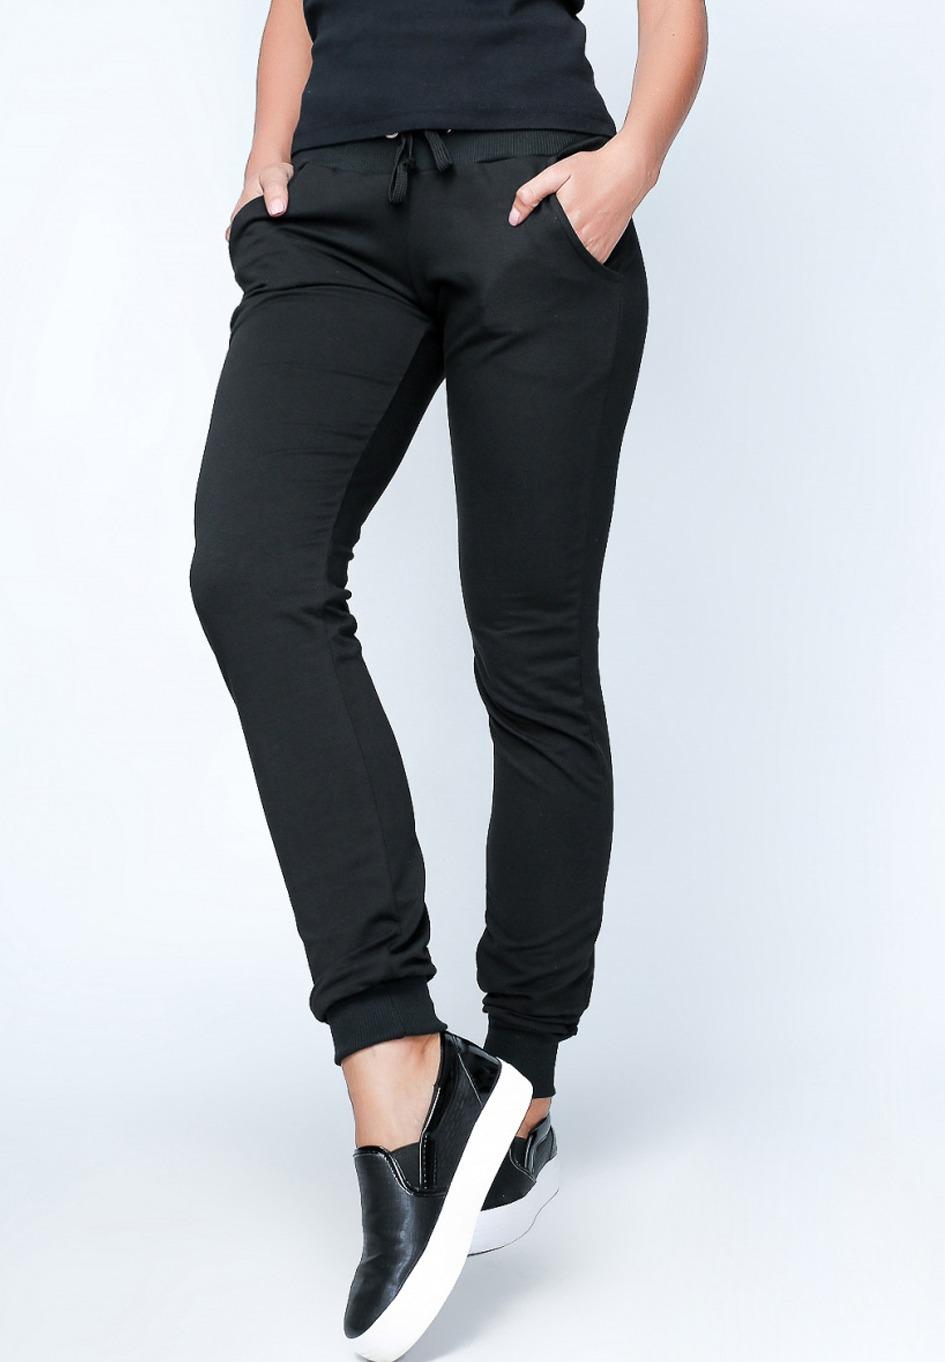 Классические женские спортивные штаны больших разм ...